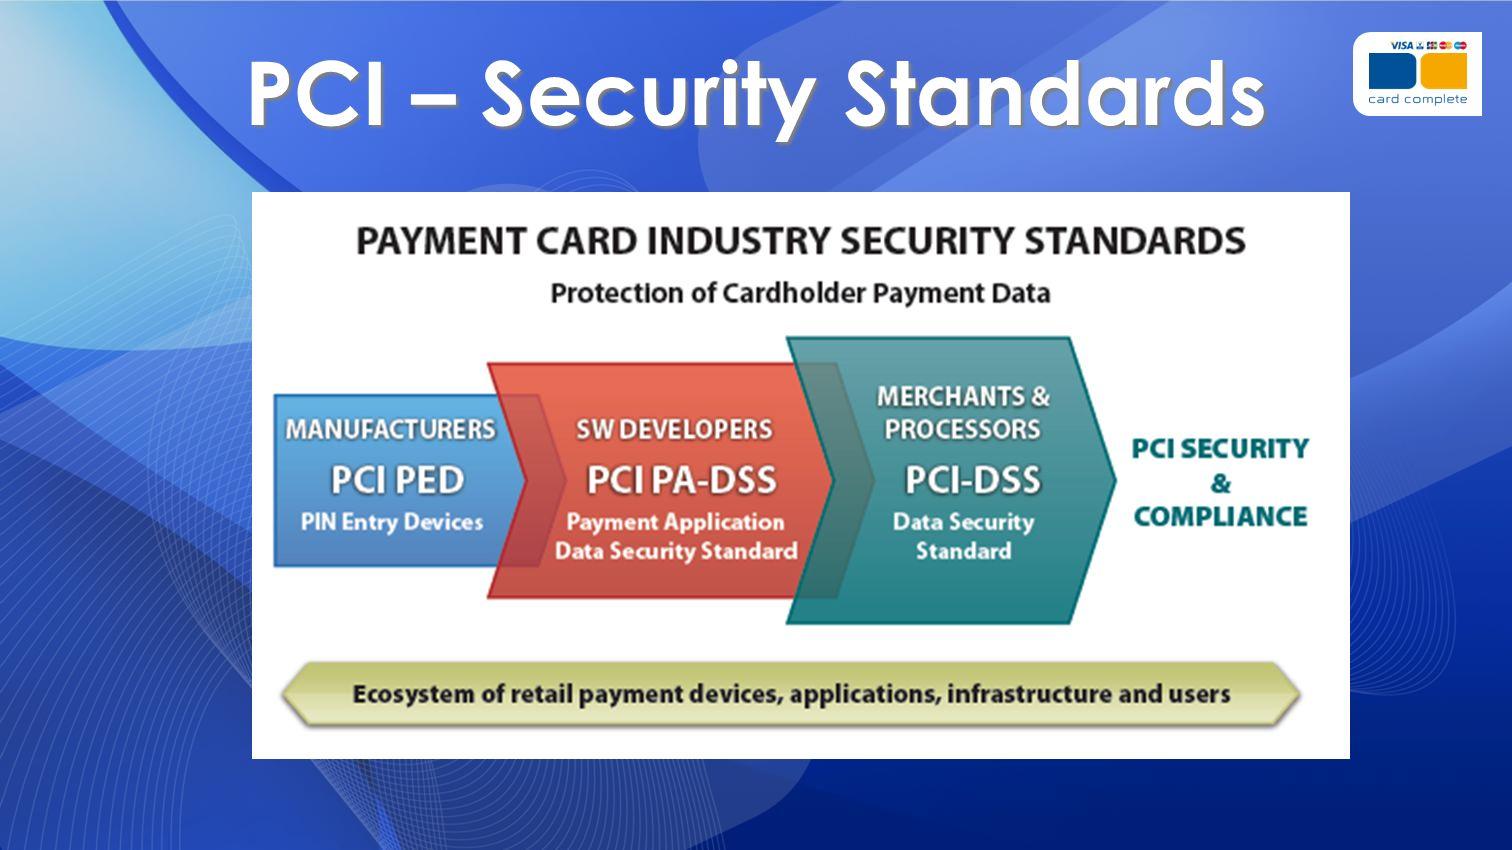 PCI – Security Standards